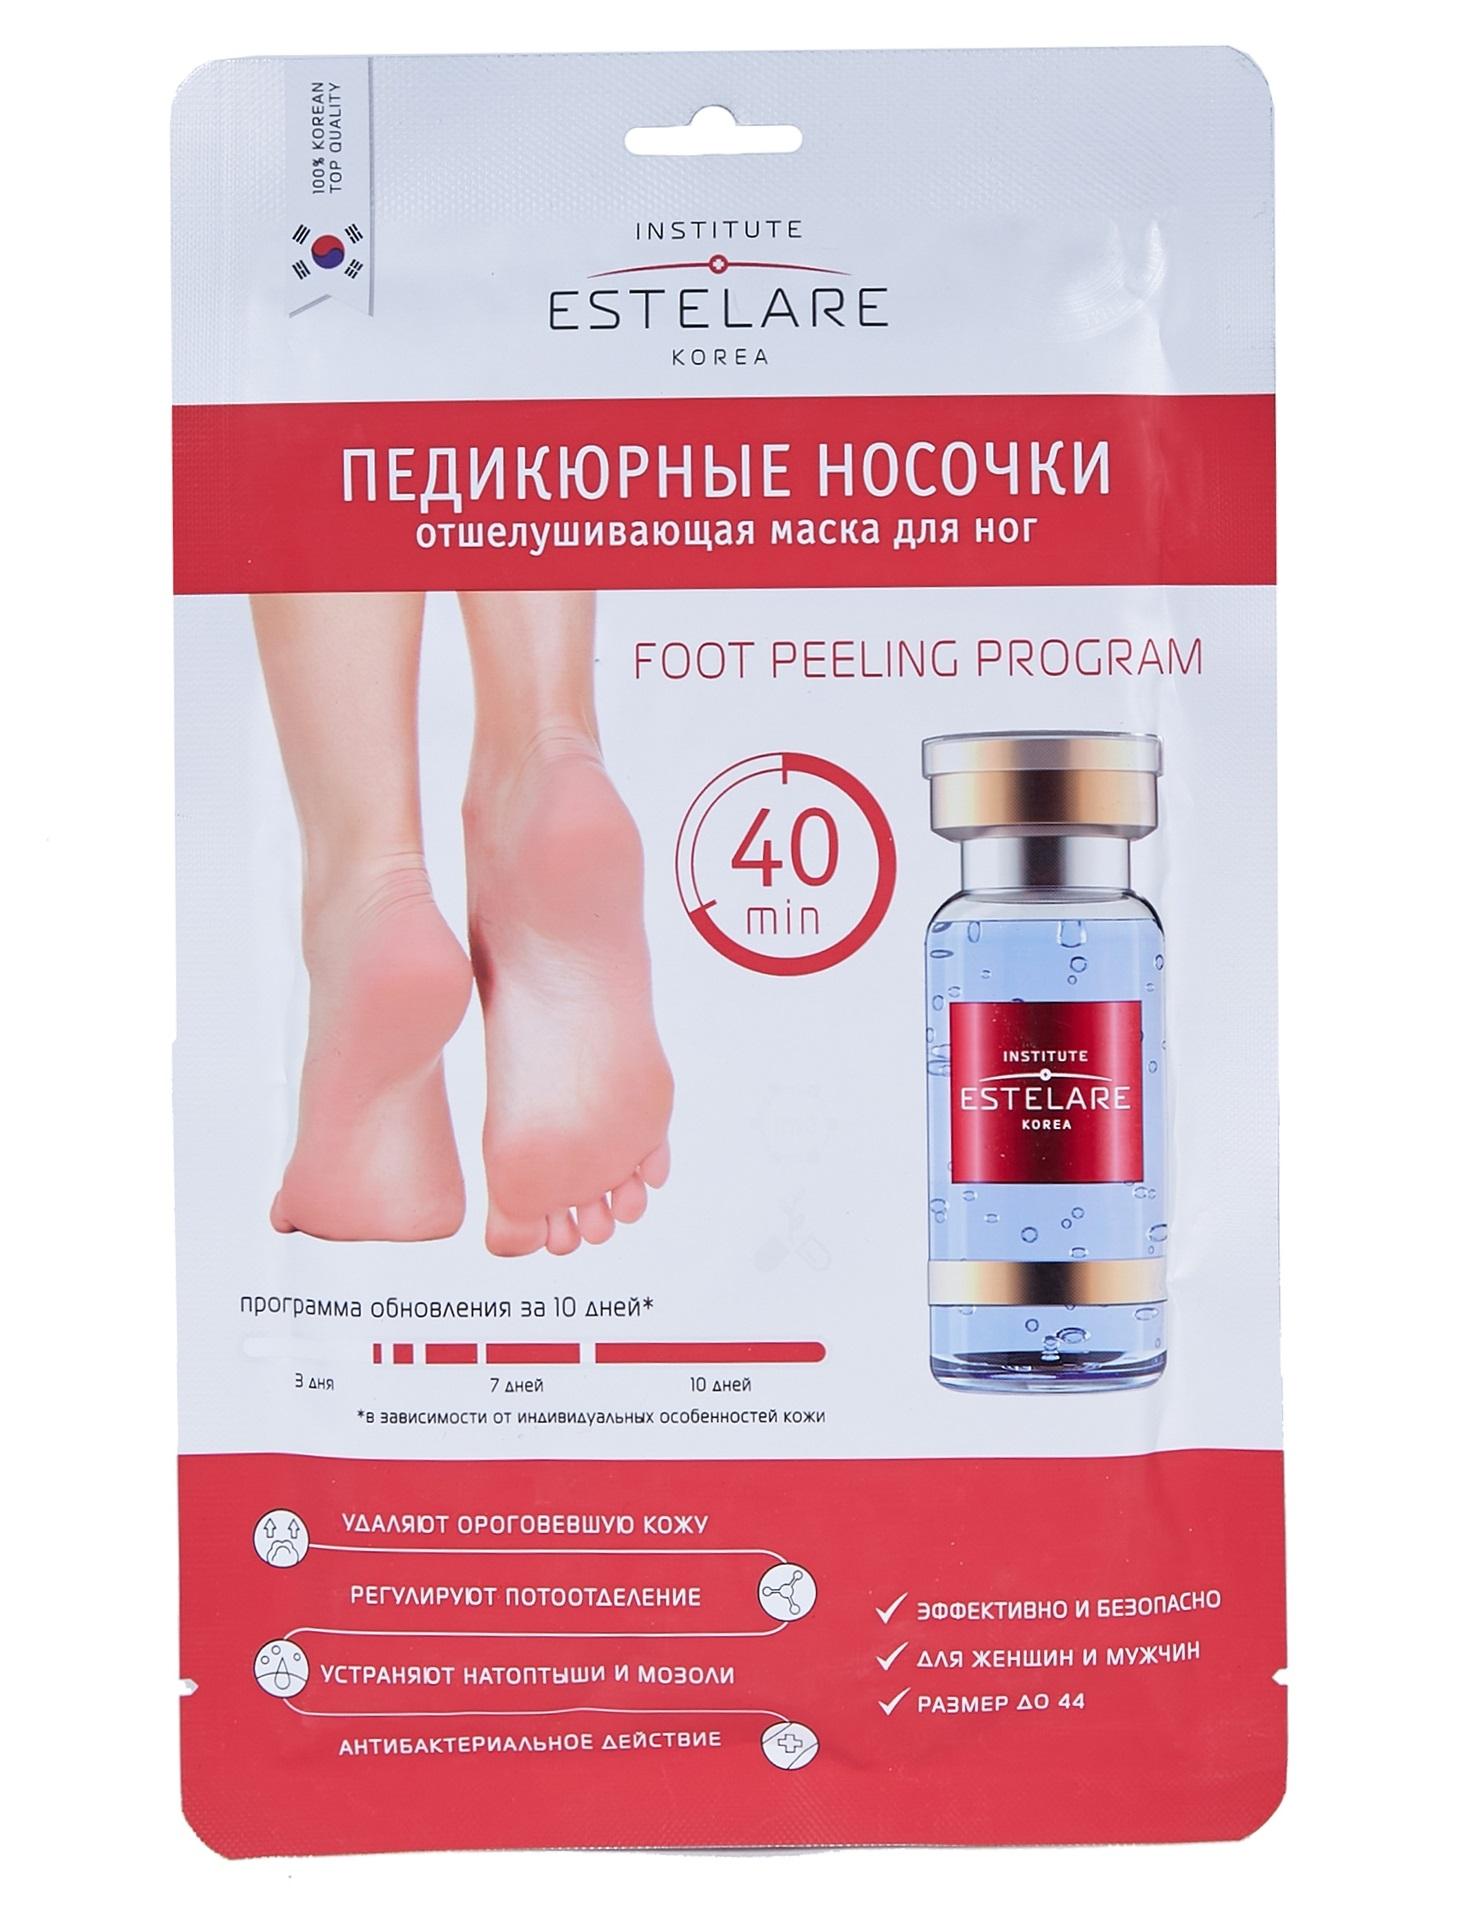 ESTELARE Маска отшелушивающая для ног Педикюрные носочки / ESTELARE 40 г.